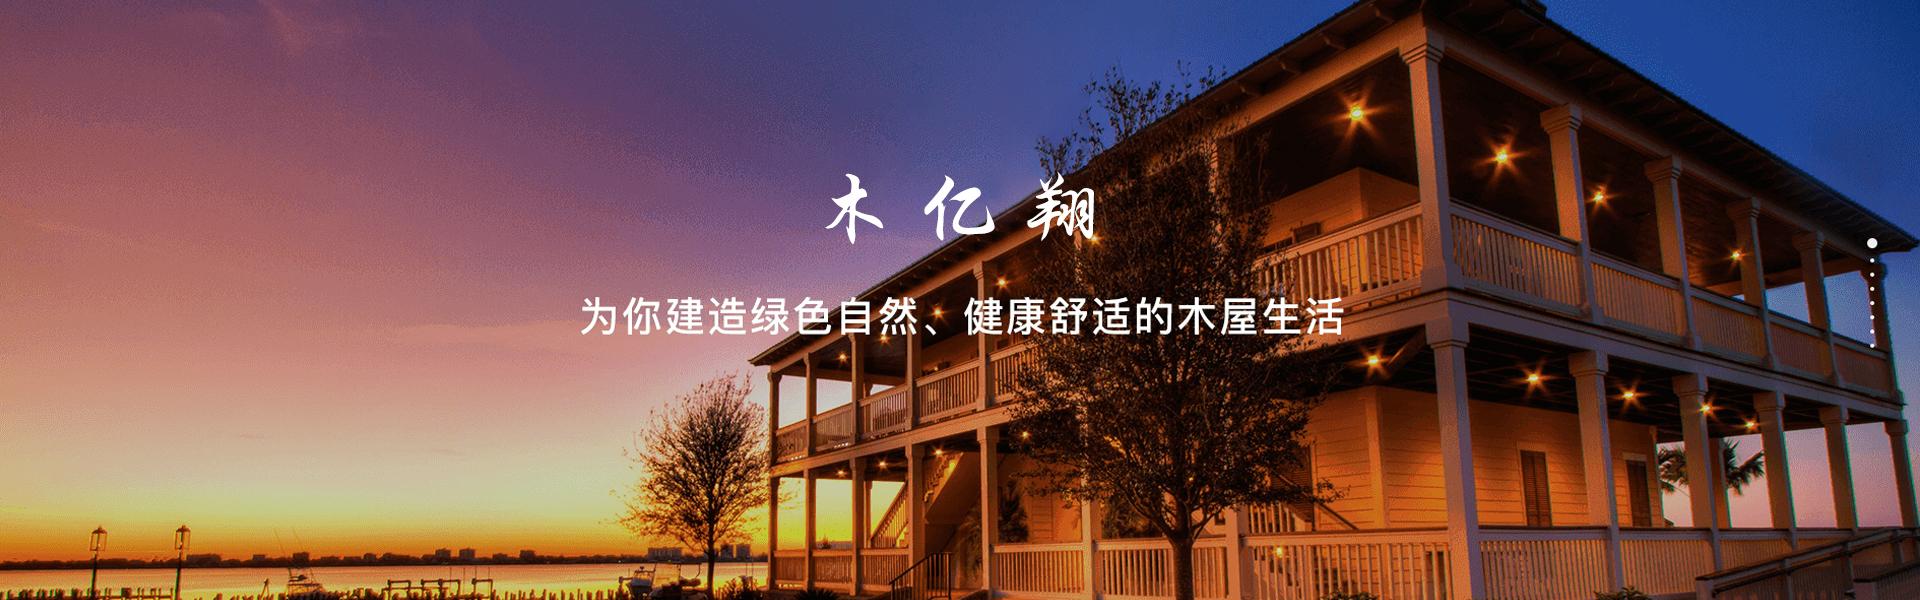 惠州木亿翔建材有限公司